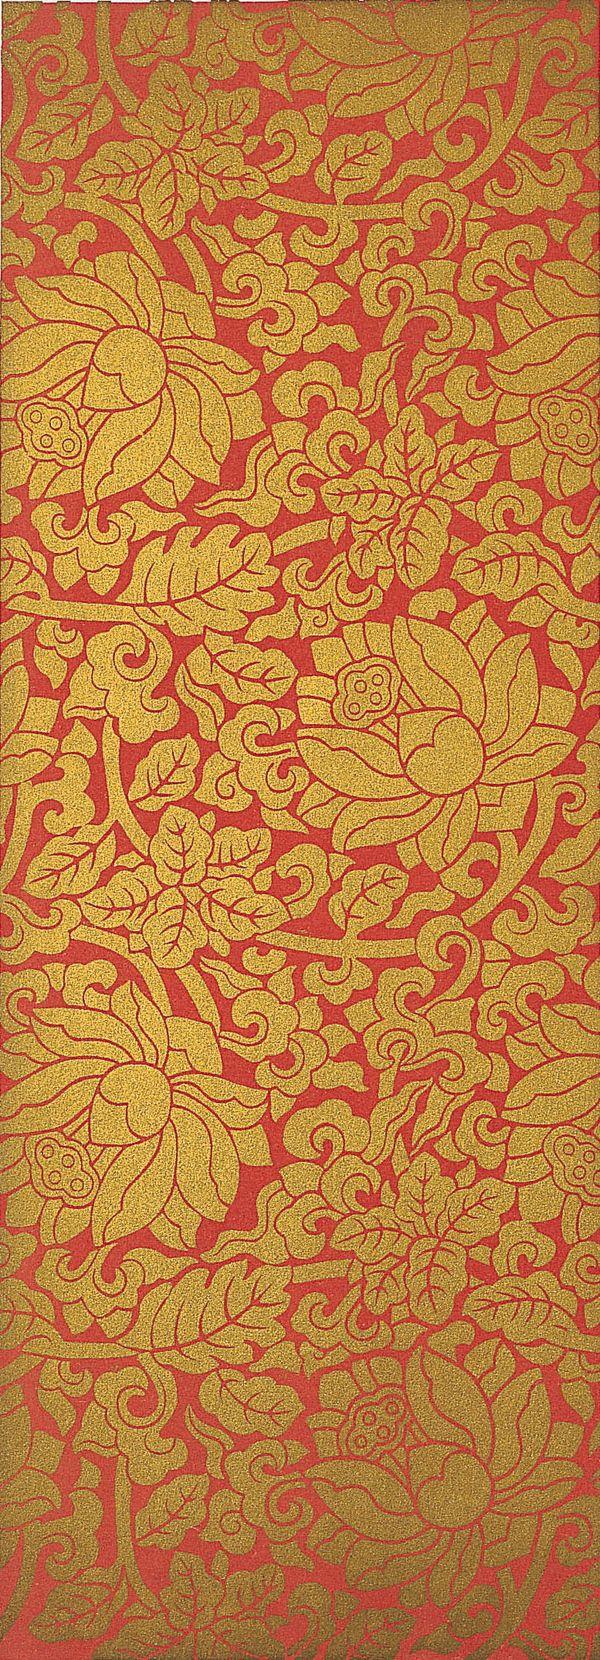 【He ugalj】蒙古族民间图案艺术 第22张